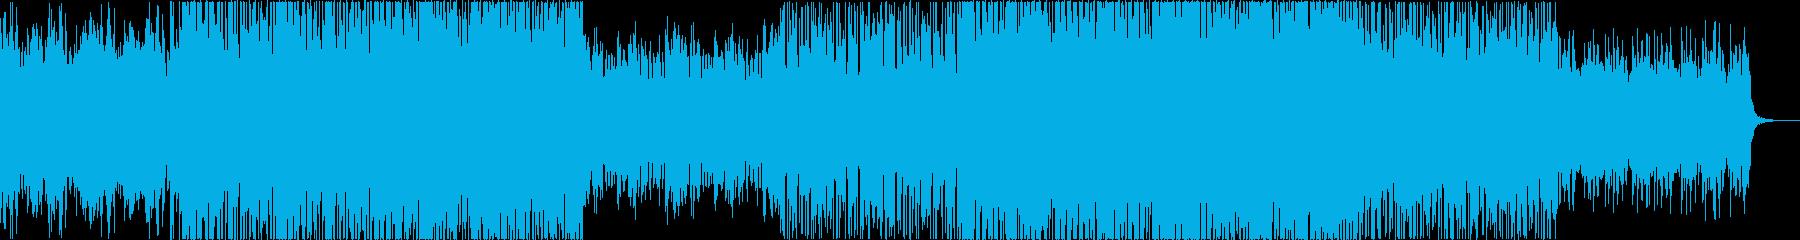 アジア ラウンジ 癒し ヒーリングアロマの再生済みの波形